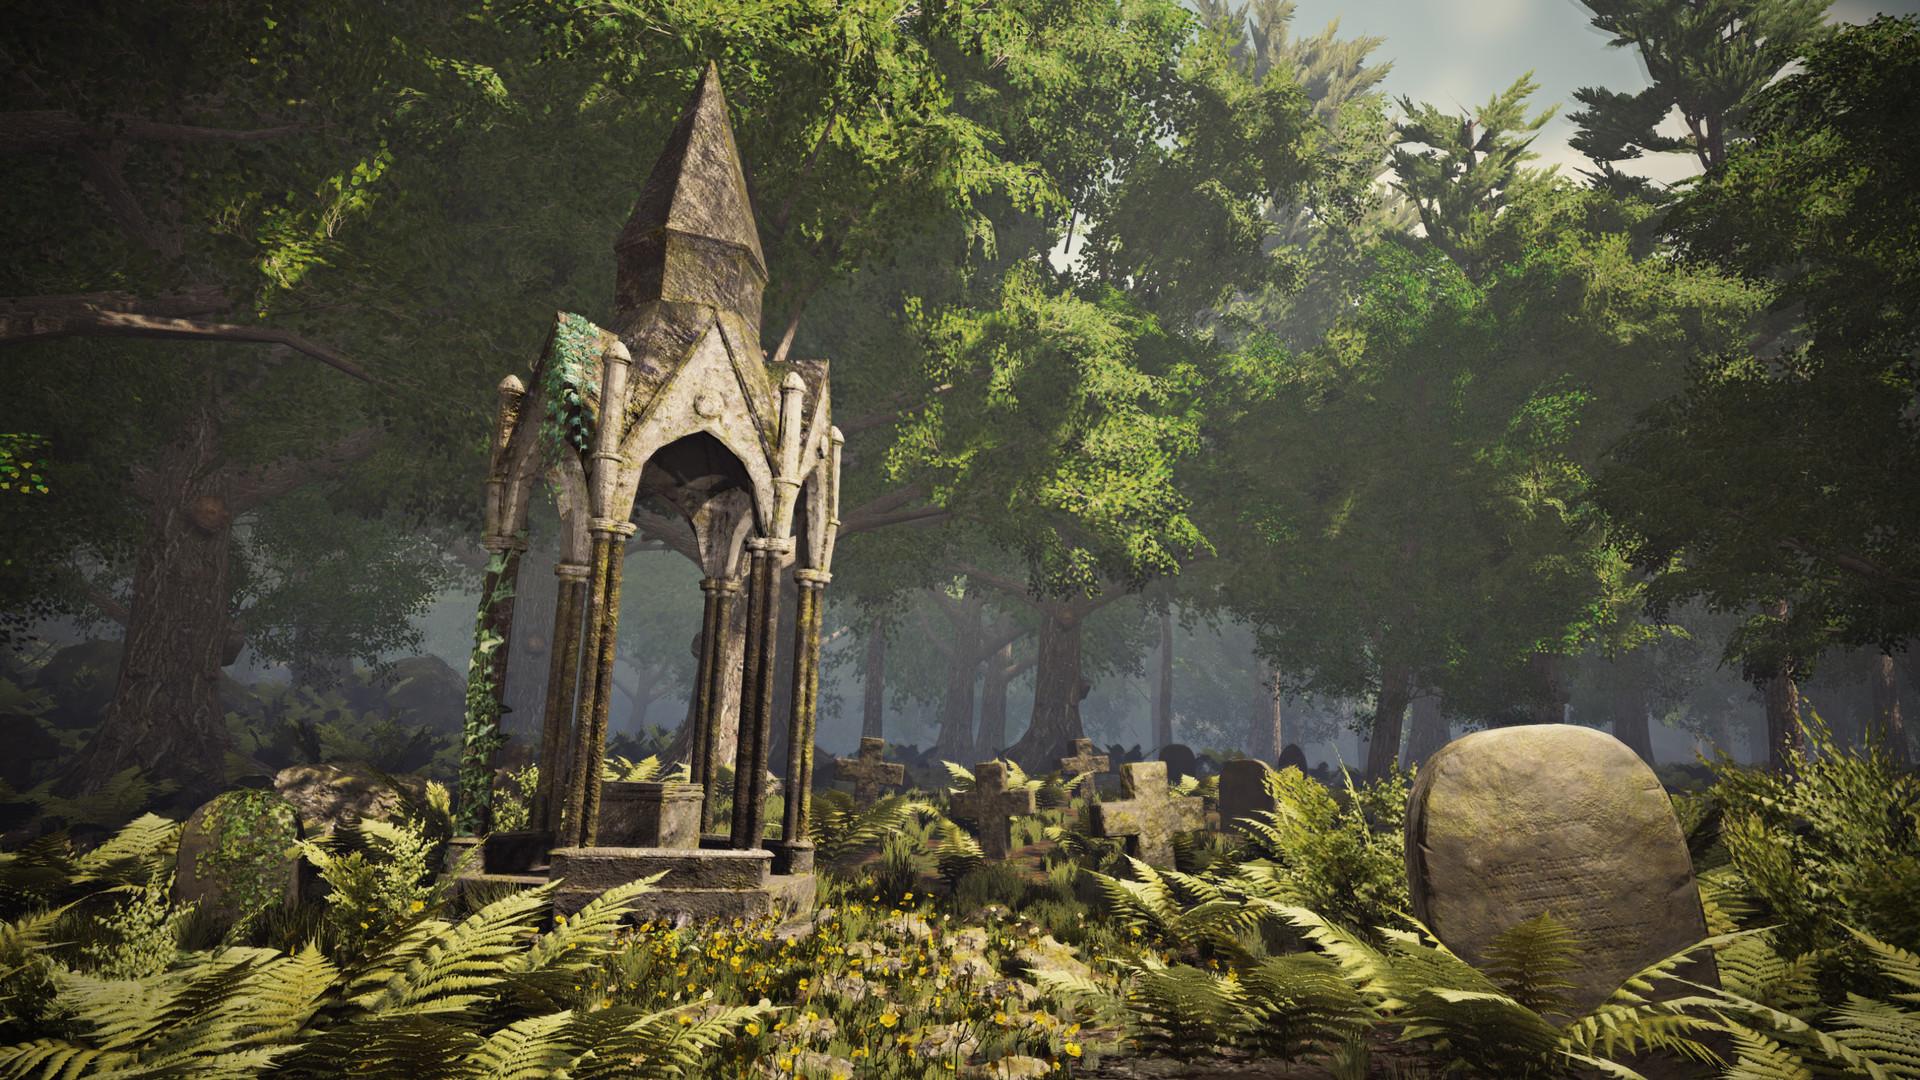 Anouk Debruyne - Overgrown Graveyard